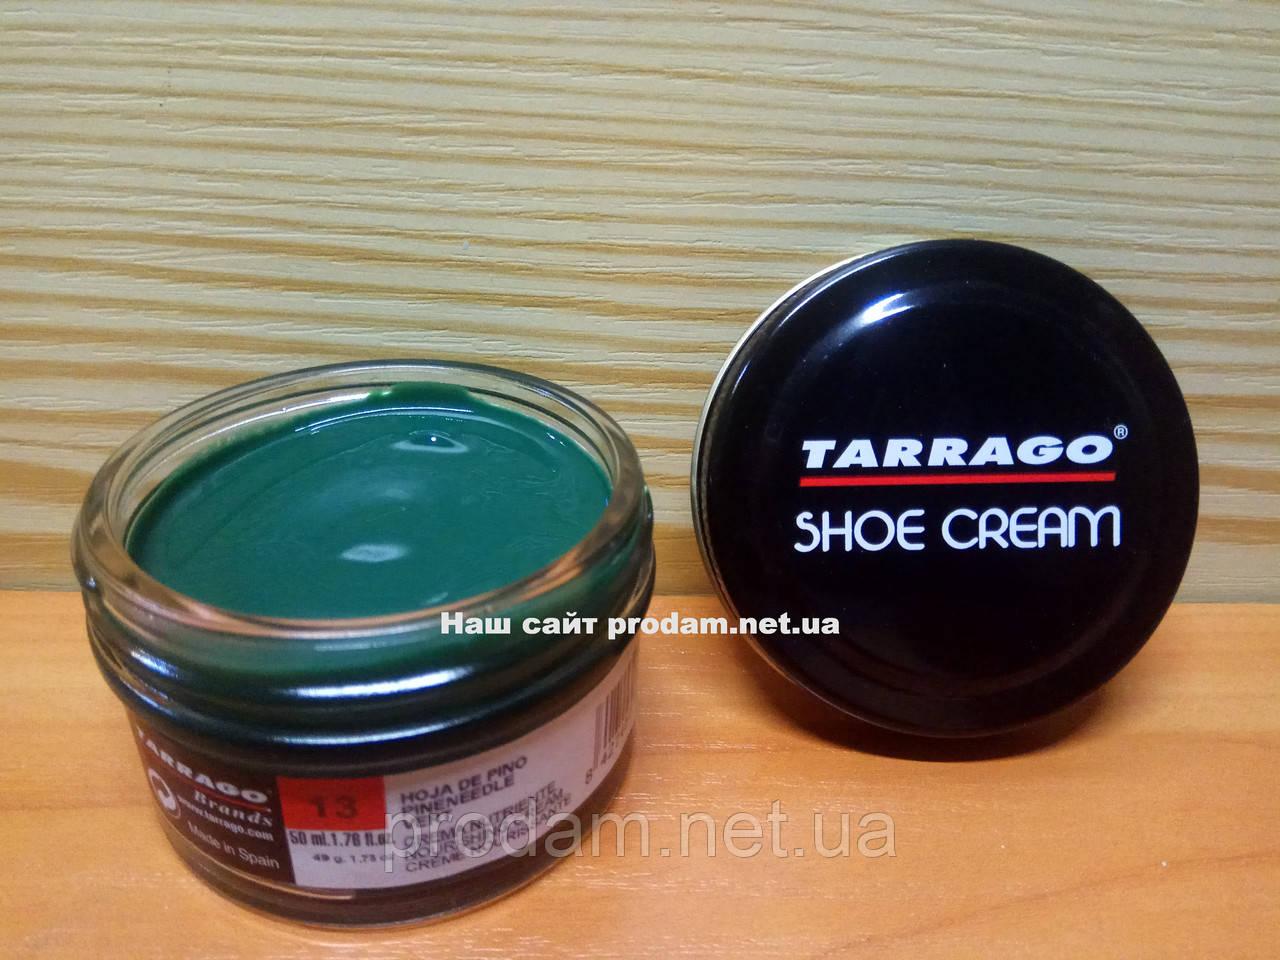 Крем для обуви Tarrago 013-pineneedley